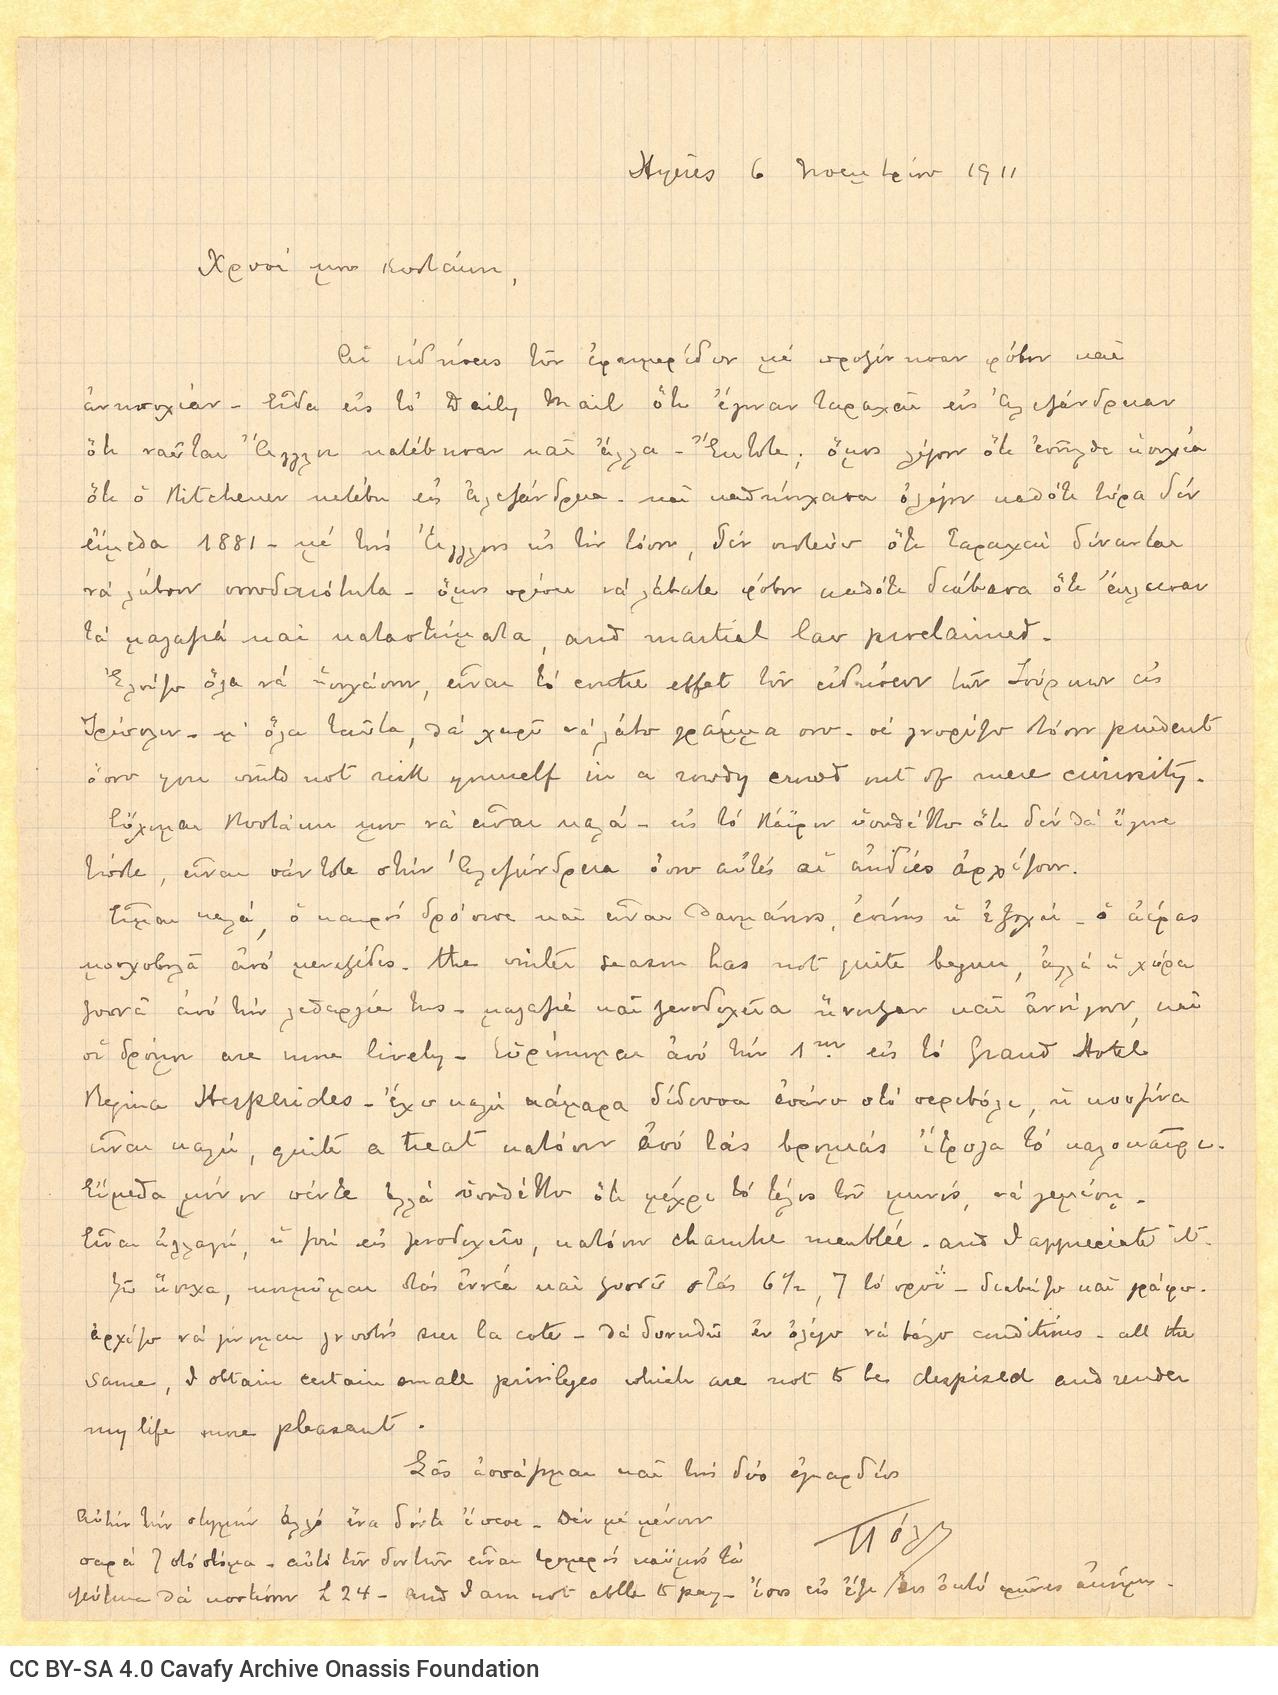 Χειρόγραφη επιστολή του Παύλου Καβάφη προς τον Κ. Π. Καβάφη από την Υ�